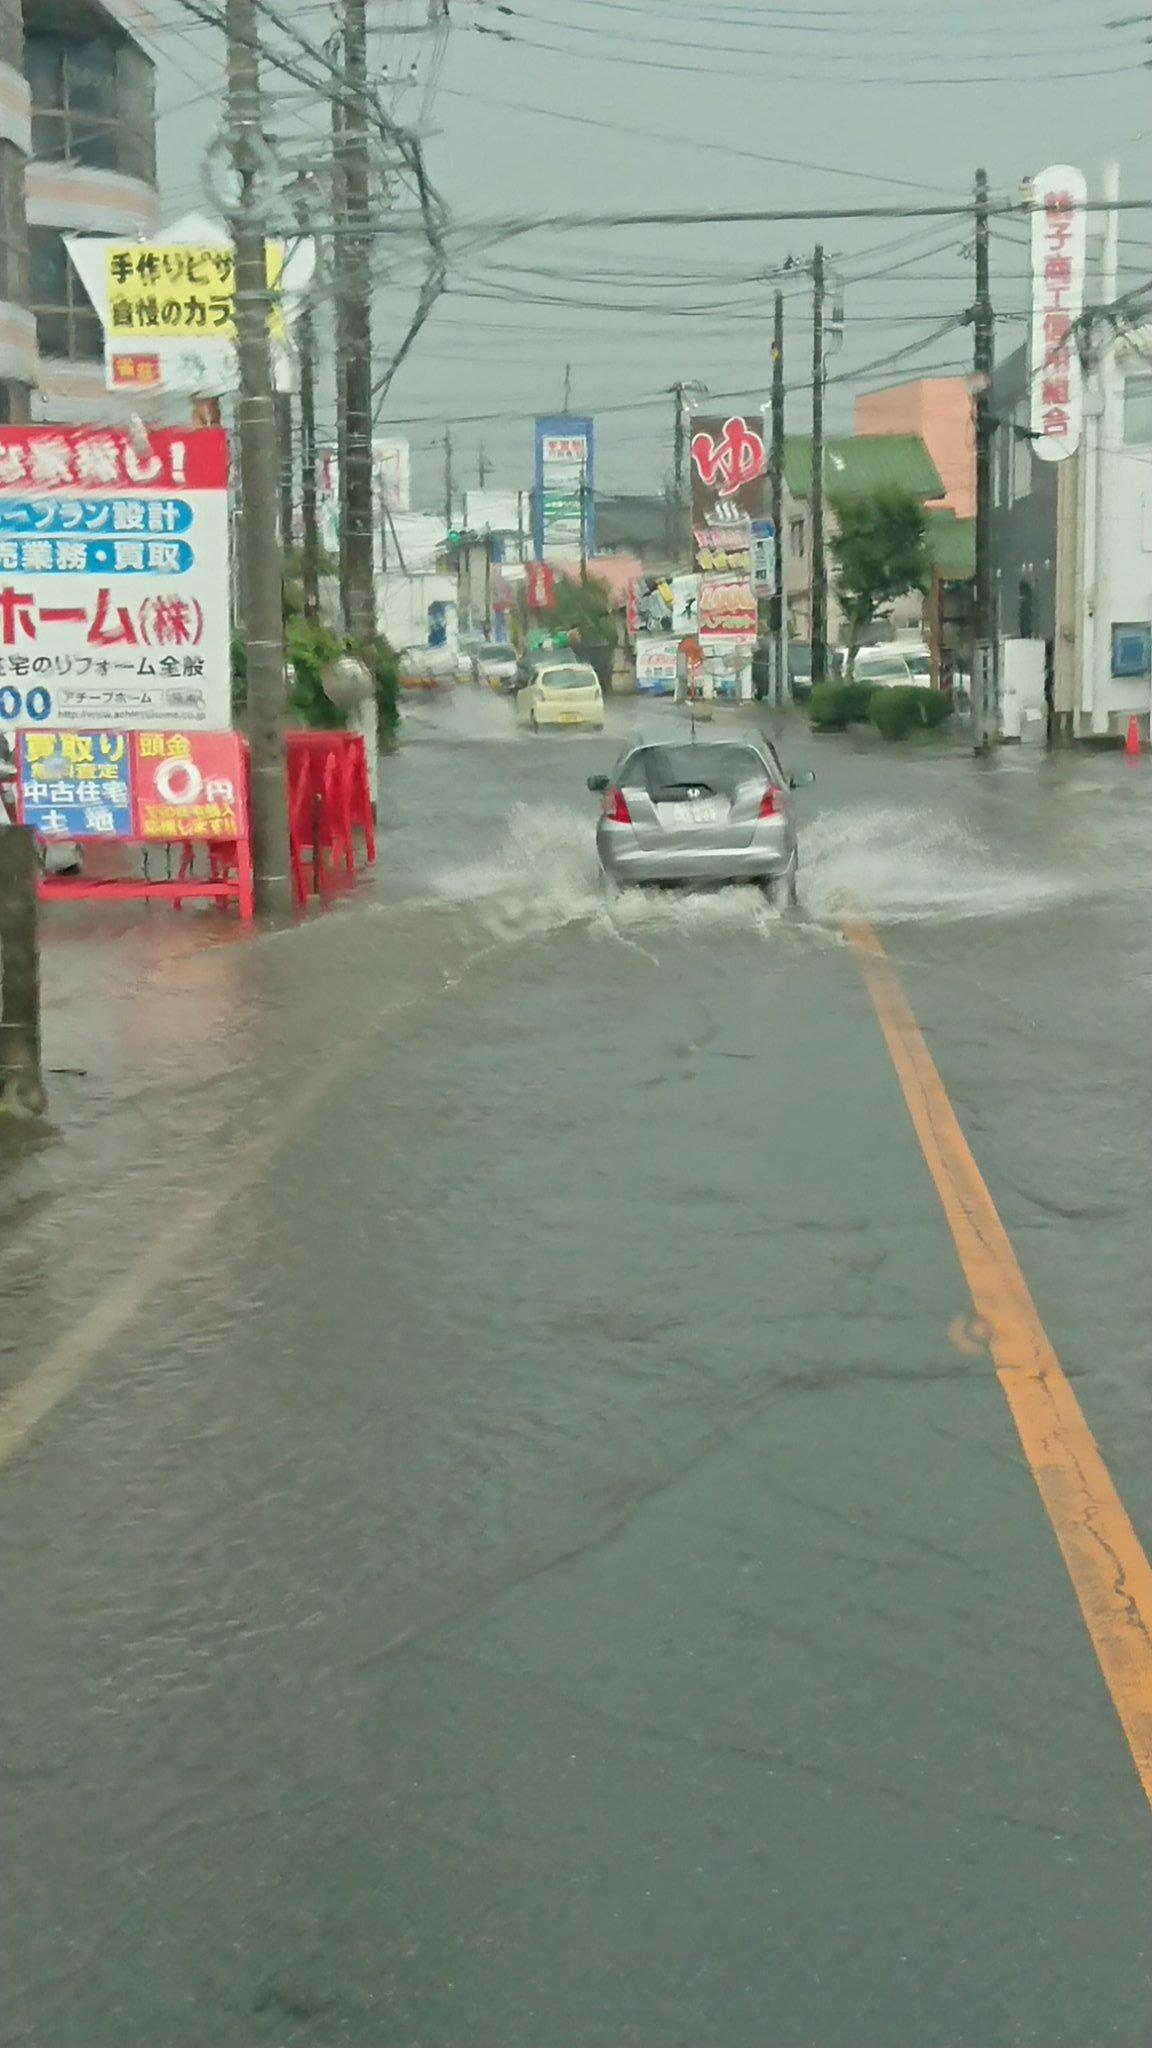 富里市七栄・八街市・成田市がゲリラ豪雨で冠水 一部道路が通行止め